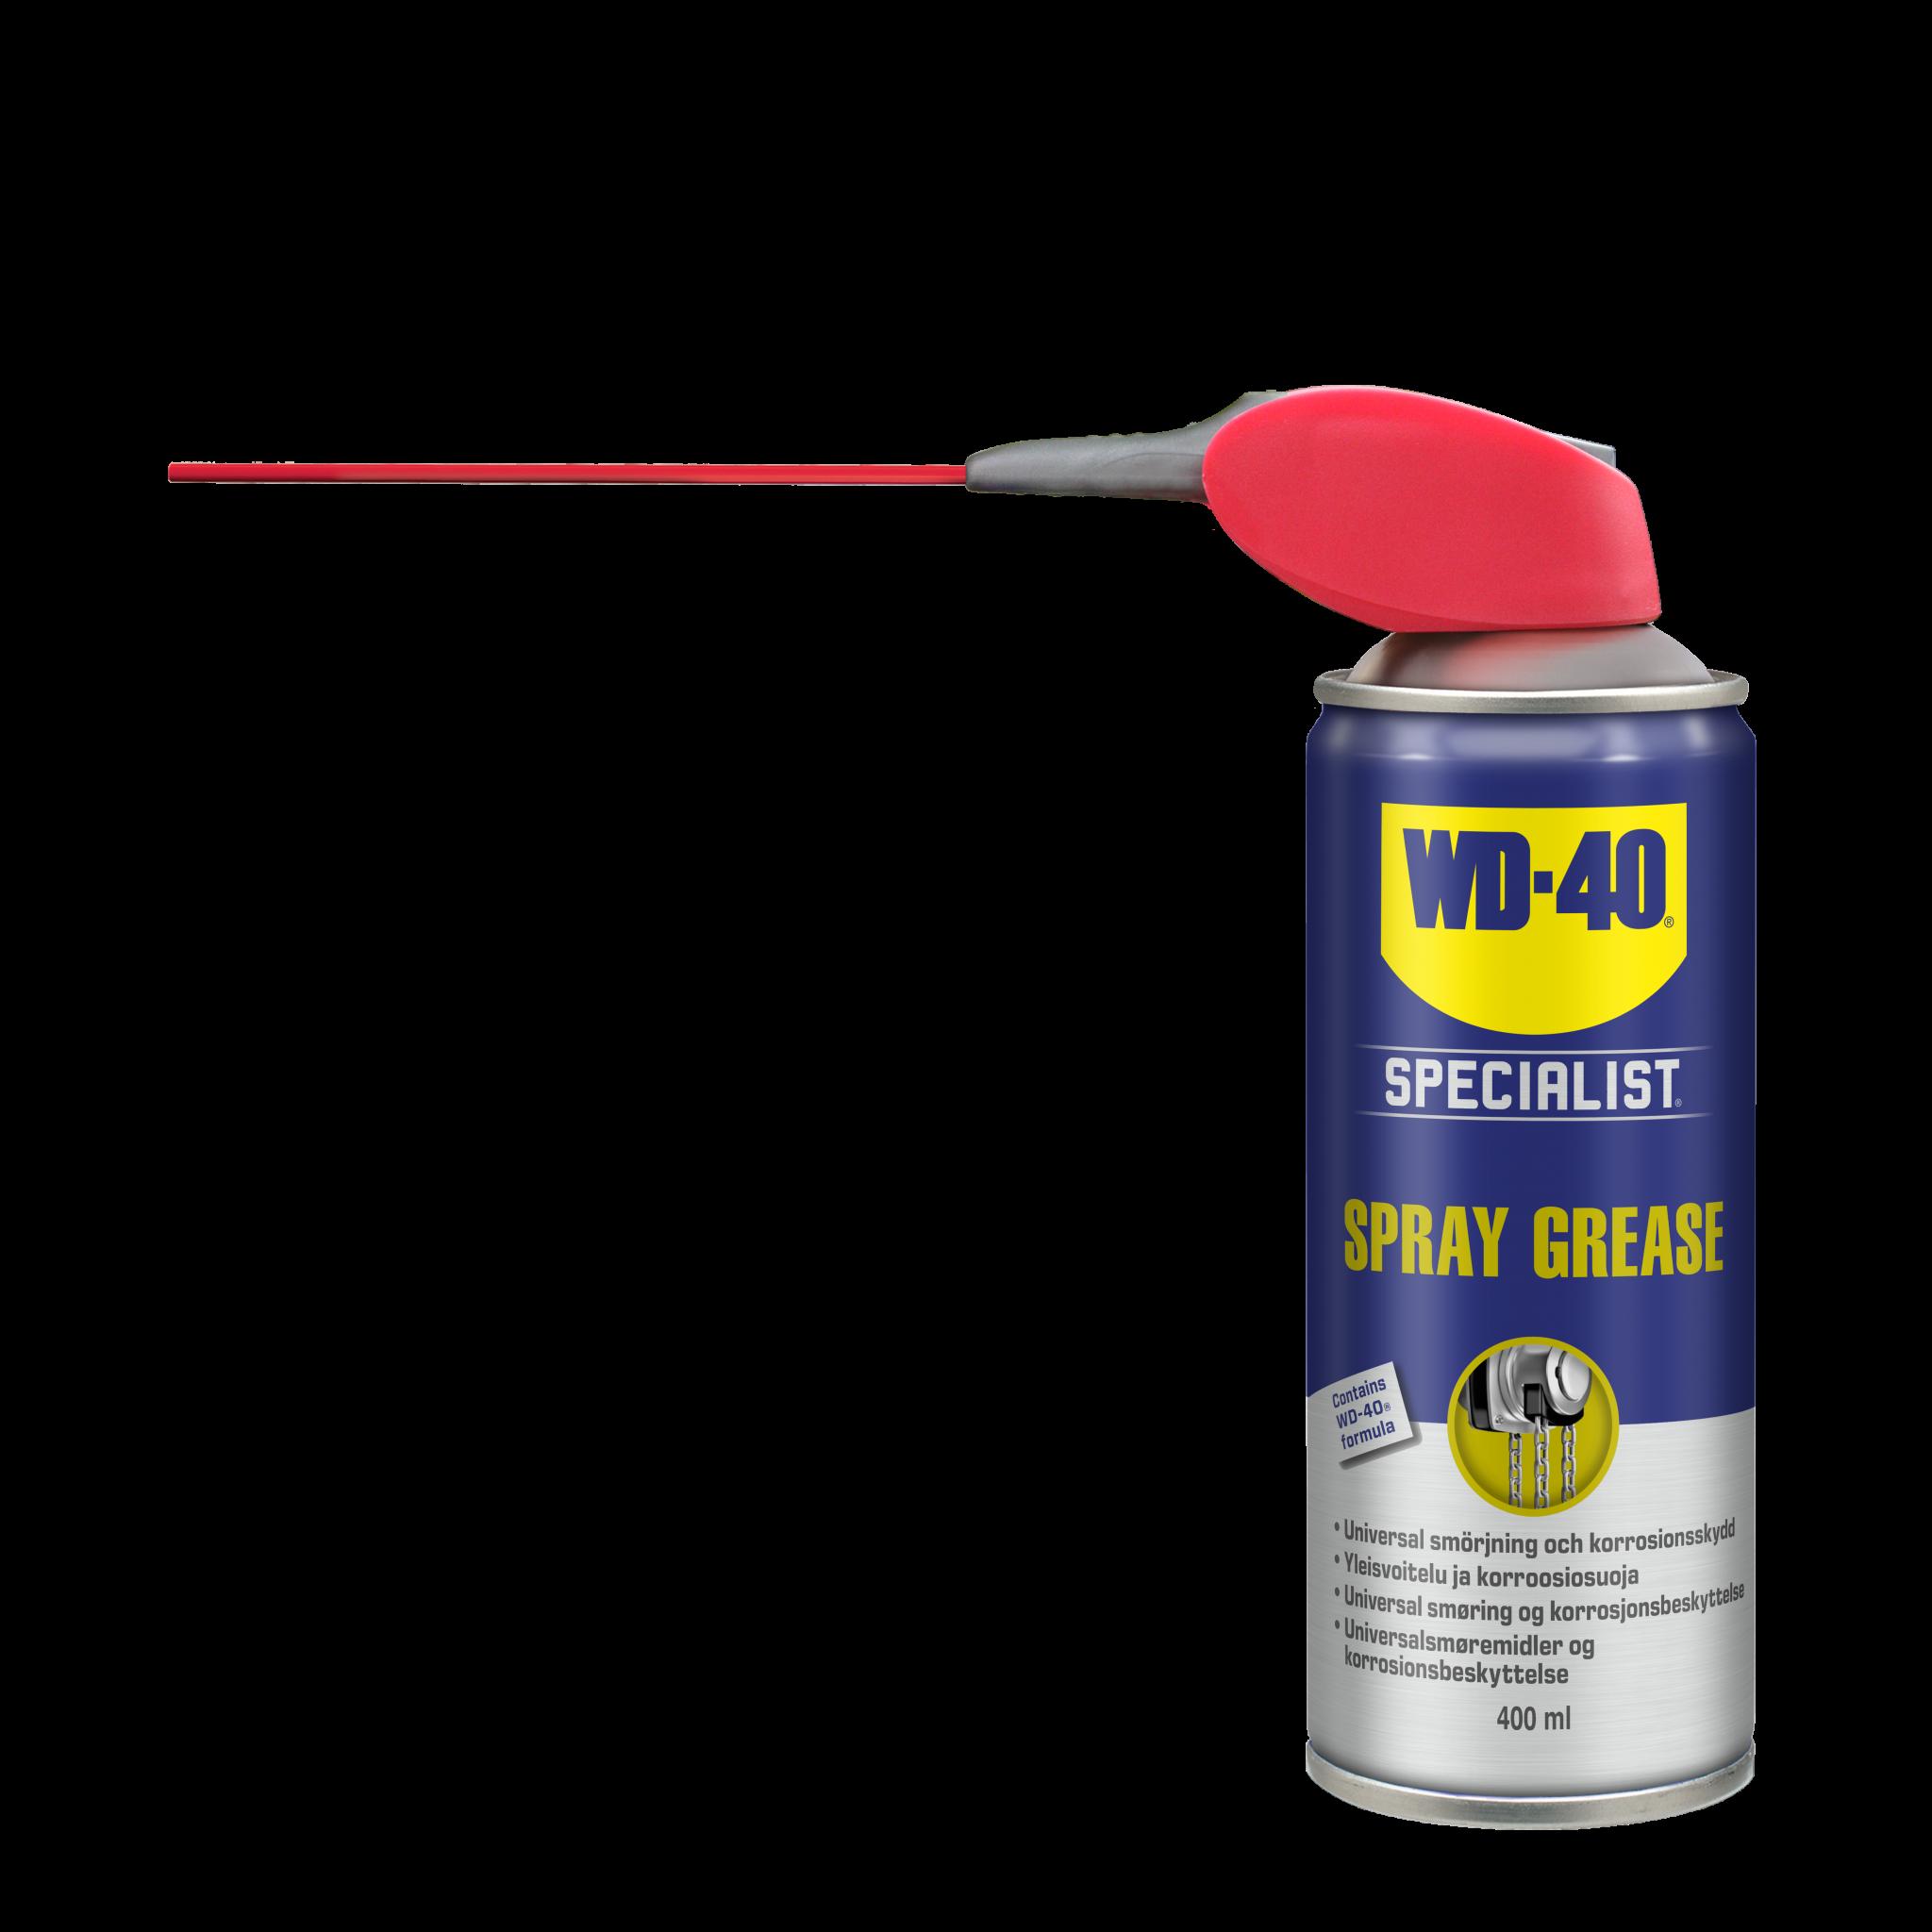 15864 53 00665a wdsp 400ml spray grease sms sv fi no da (straw up) 3d